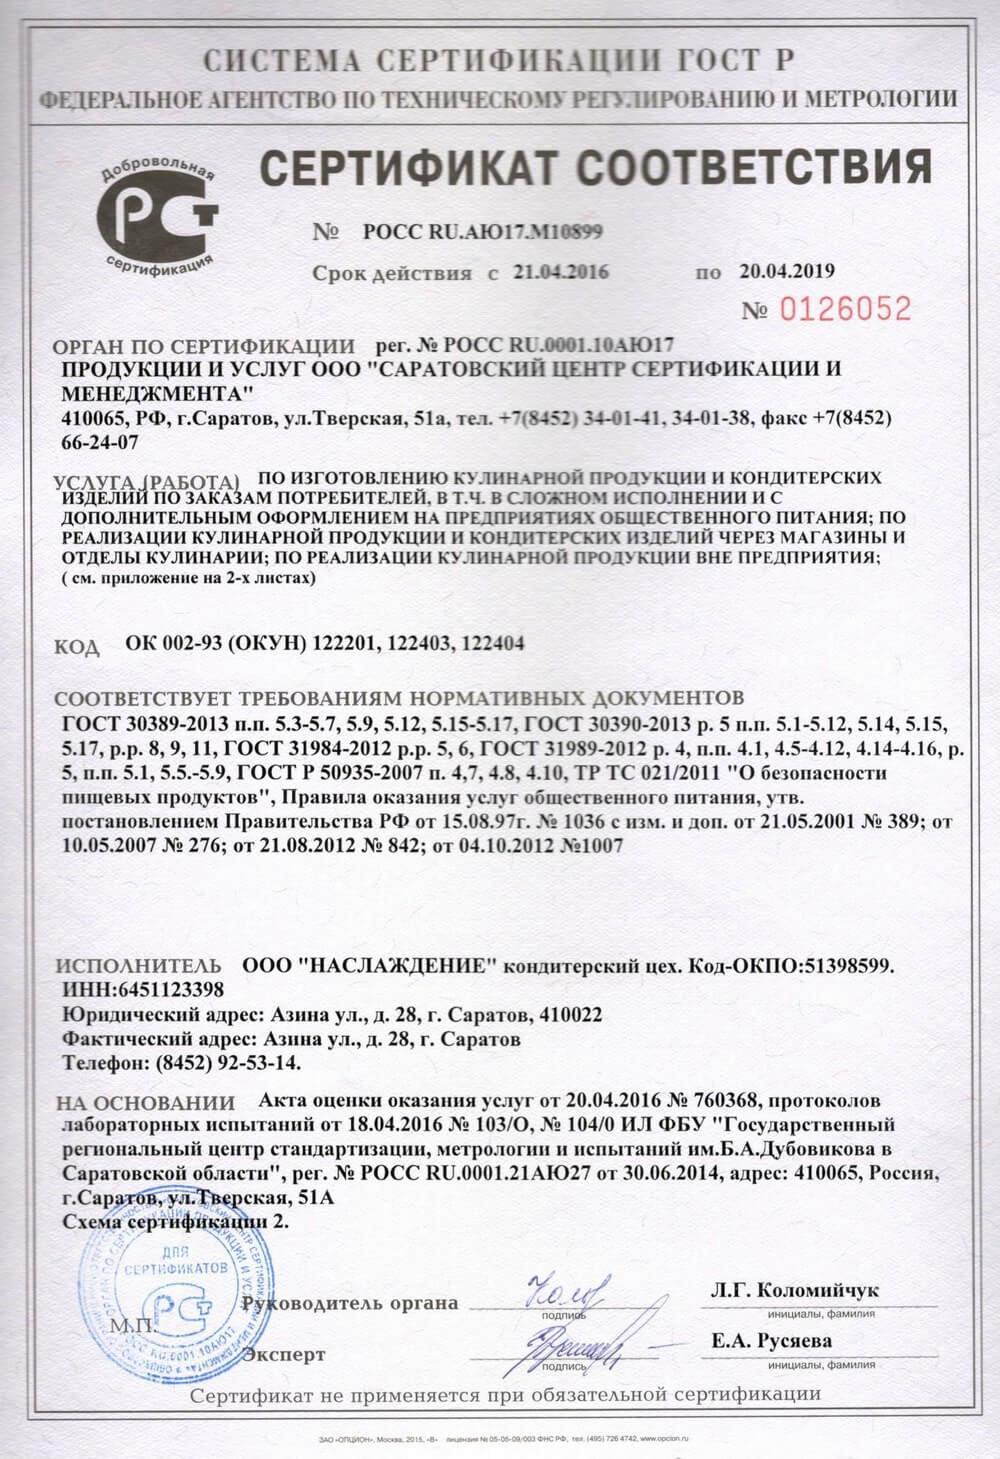 """Сертификат соответствия кондитерской продукции """"Наслаждение"""" в Саратове"""